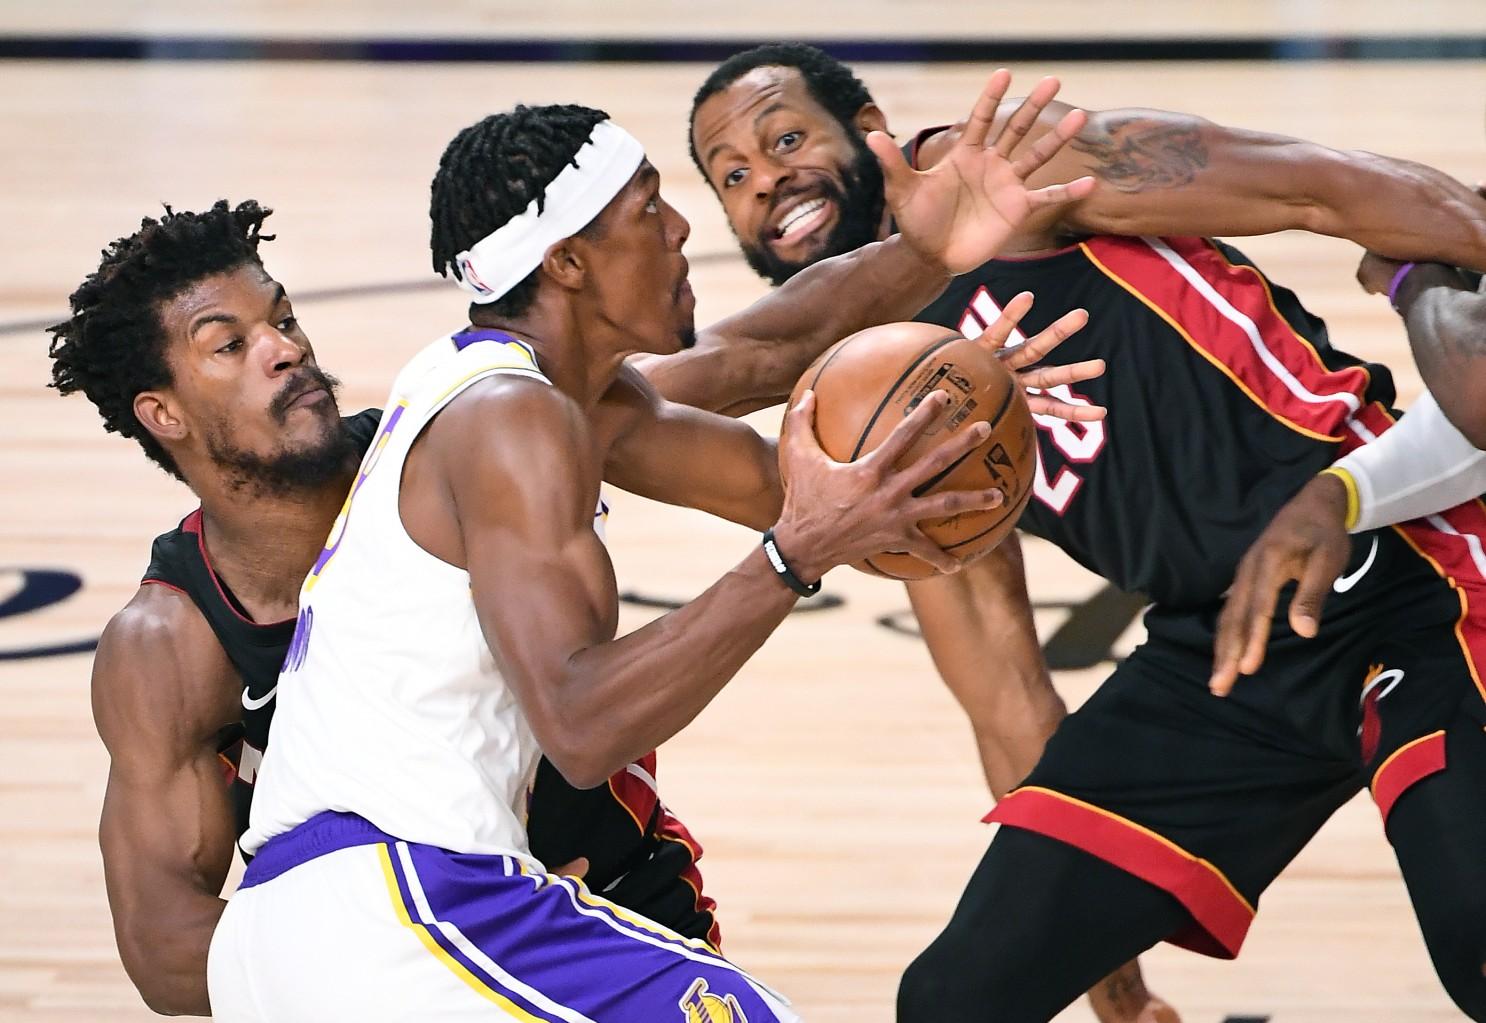 NBA pospone 2 partidos por protocolos Covid-19 AP